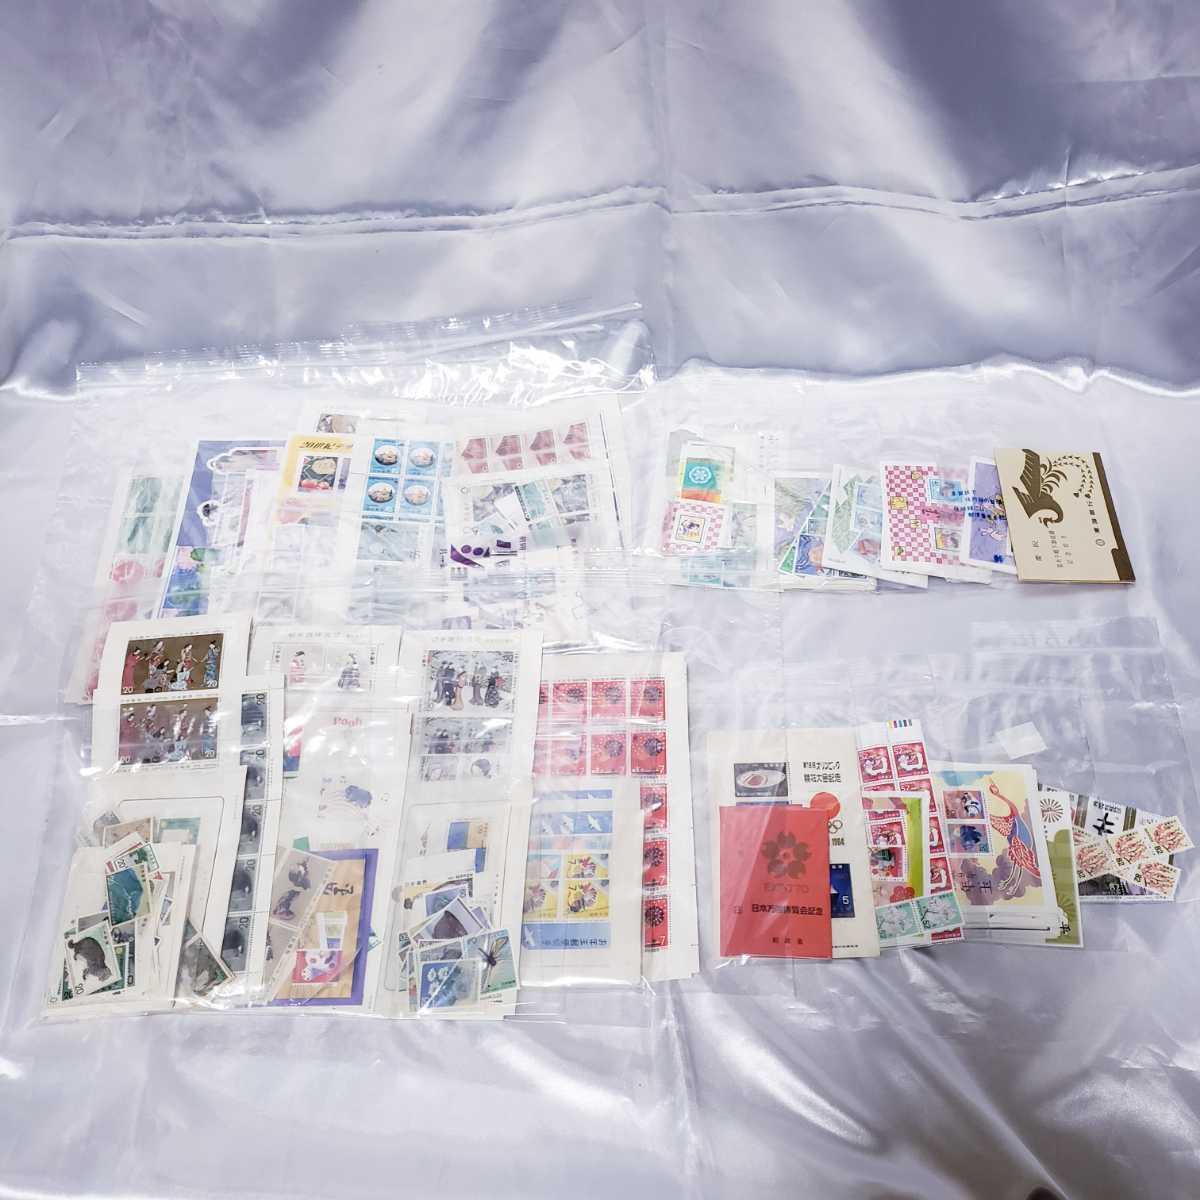 切手 未使用品 シート バラ 記念切手 郵便切手 色々 大量 まとめて 額面97770円分